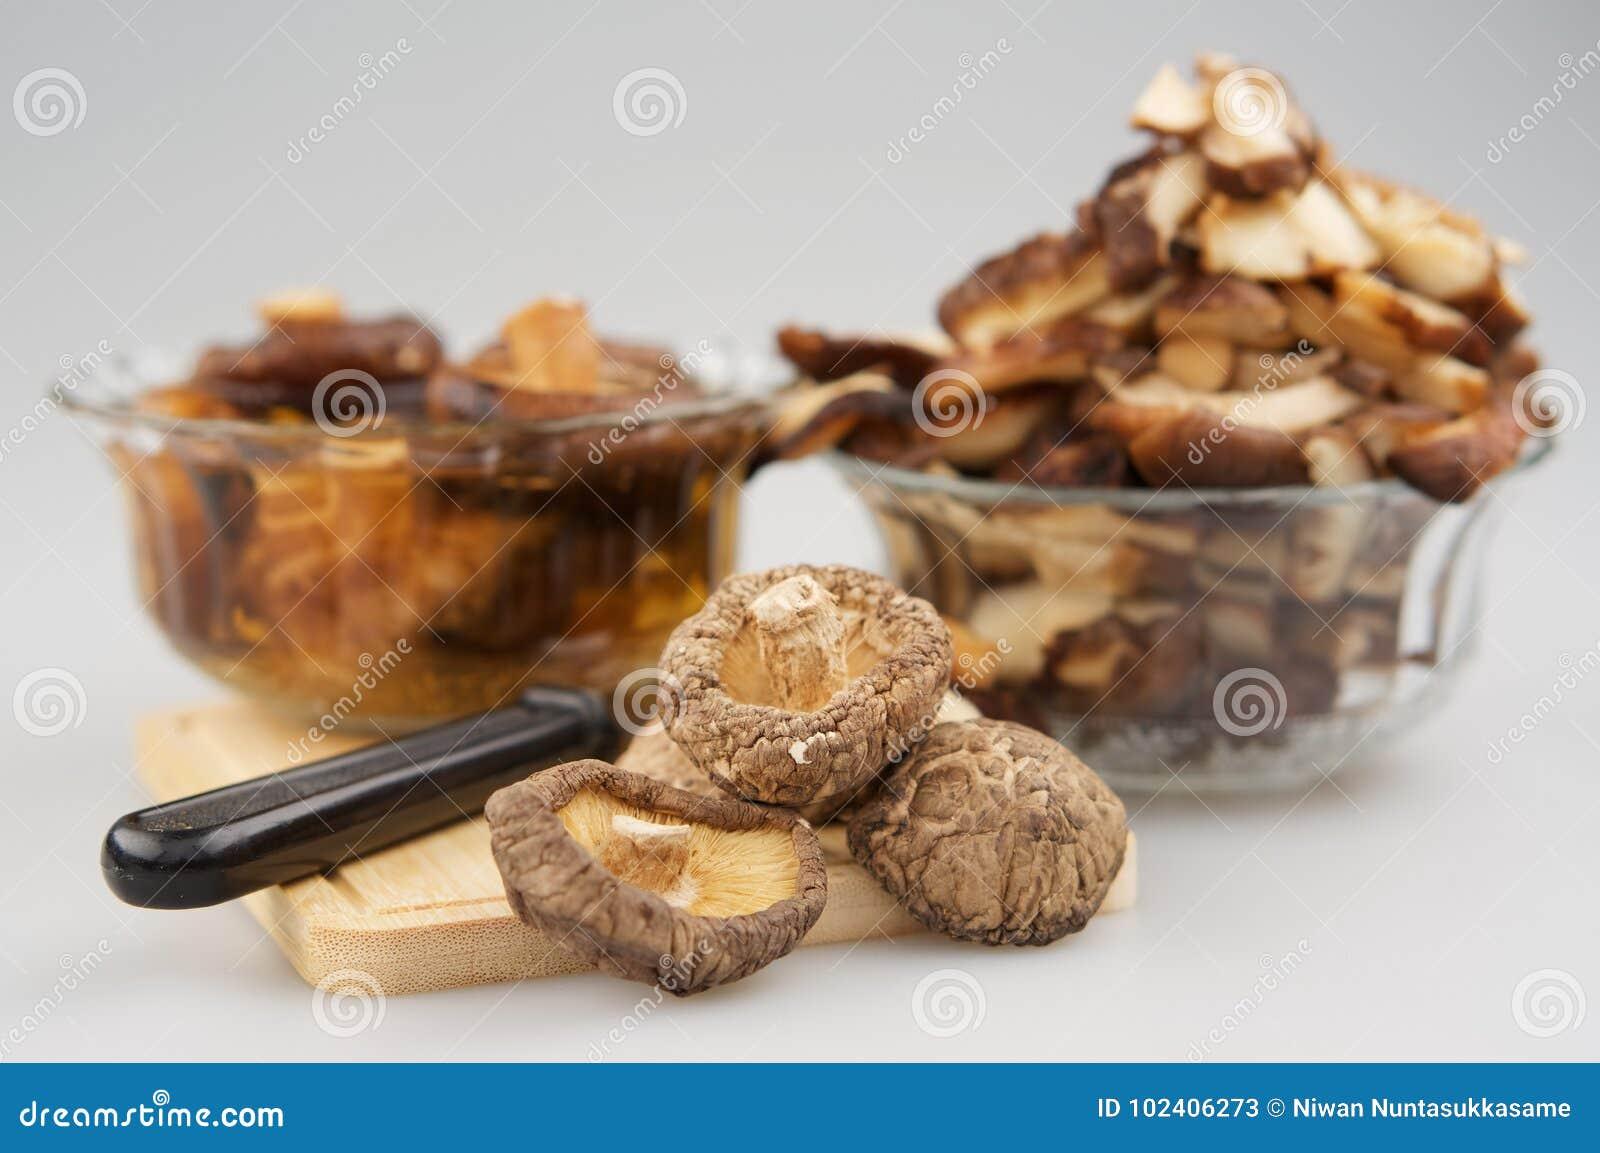 Trockene Pilz oder lentnus Shitake edodes und Messerplatz auf hackendem Brett lassen Unschärfepilz tränken und Stück des Pilzes e